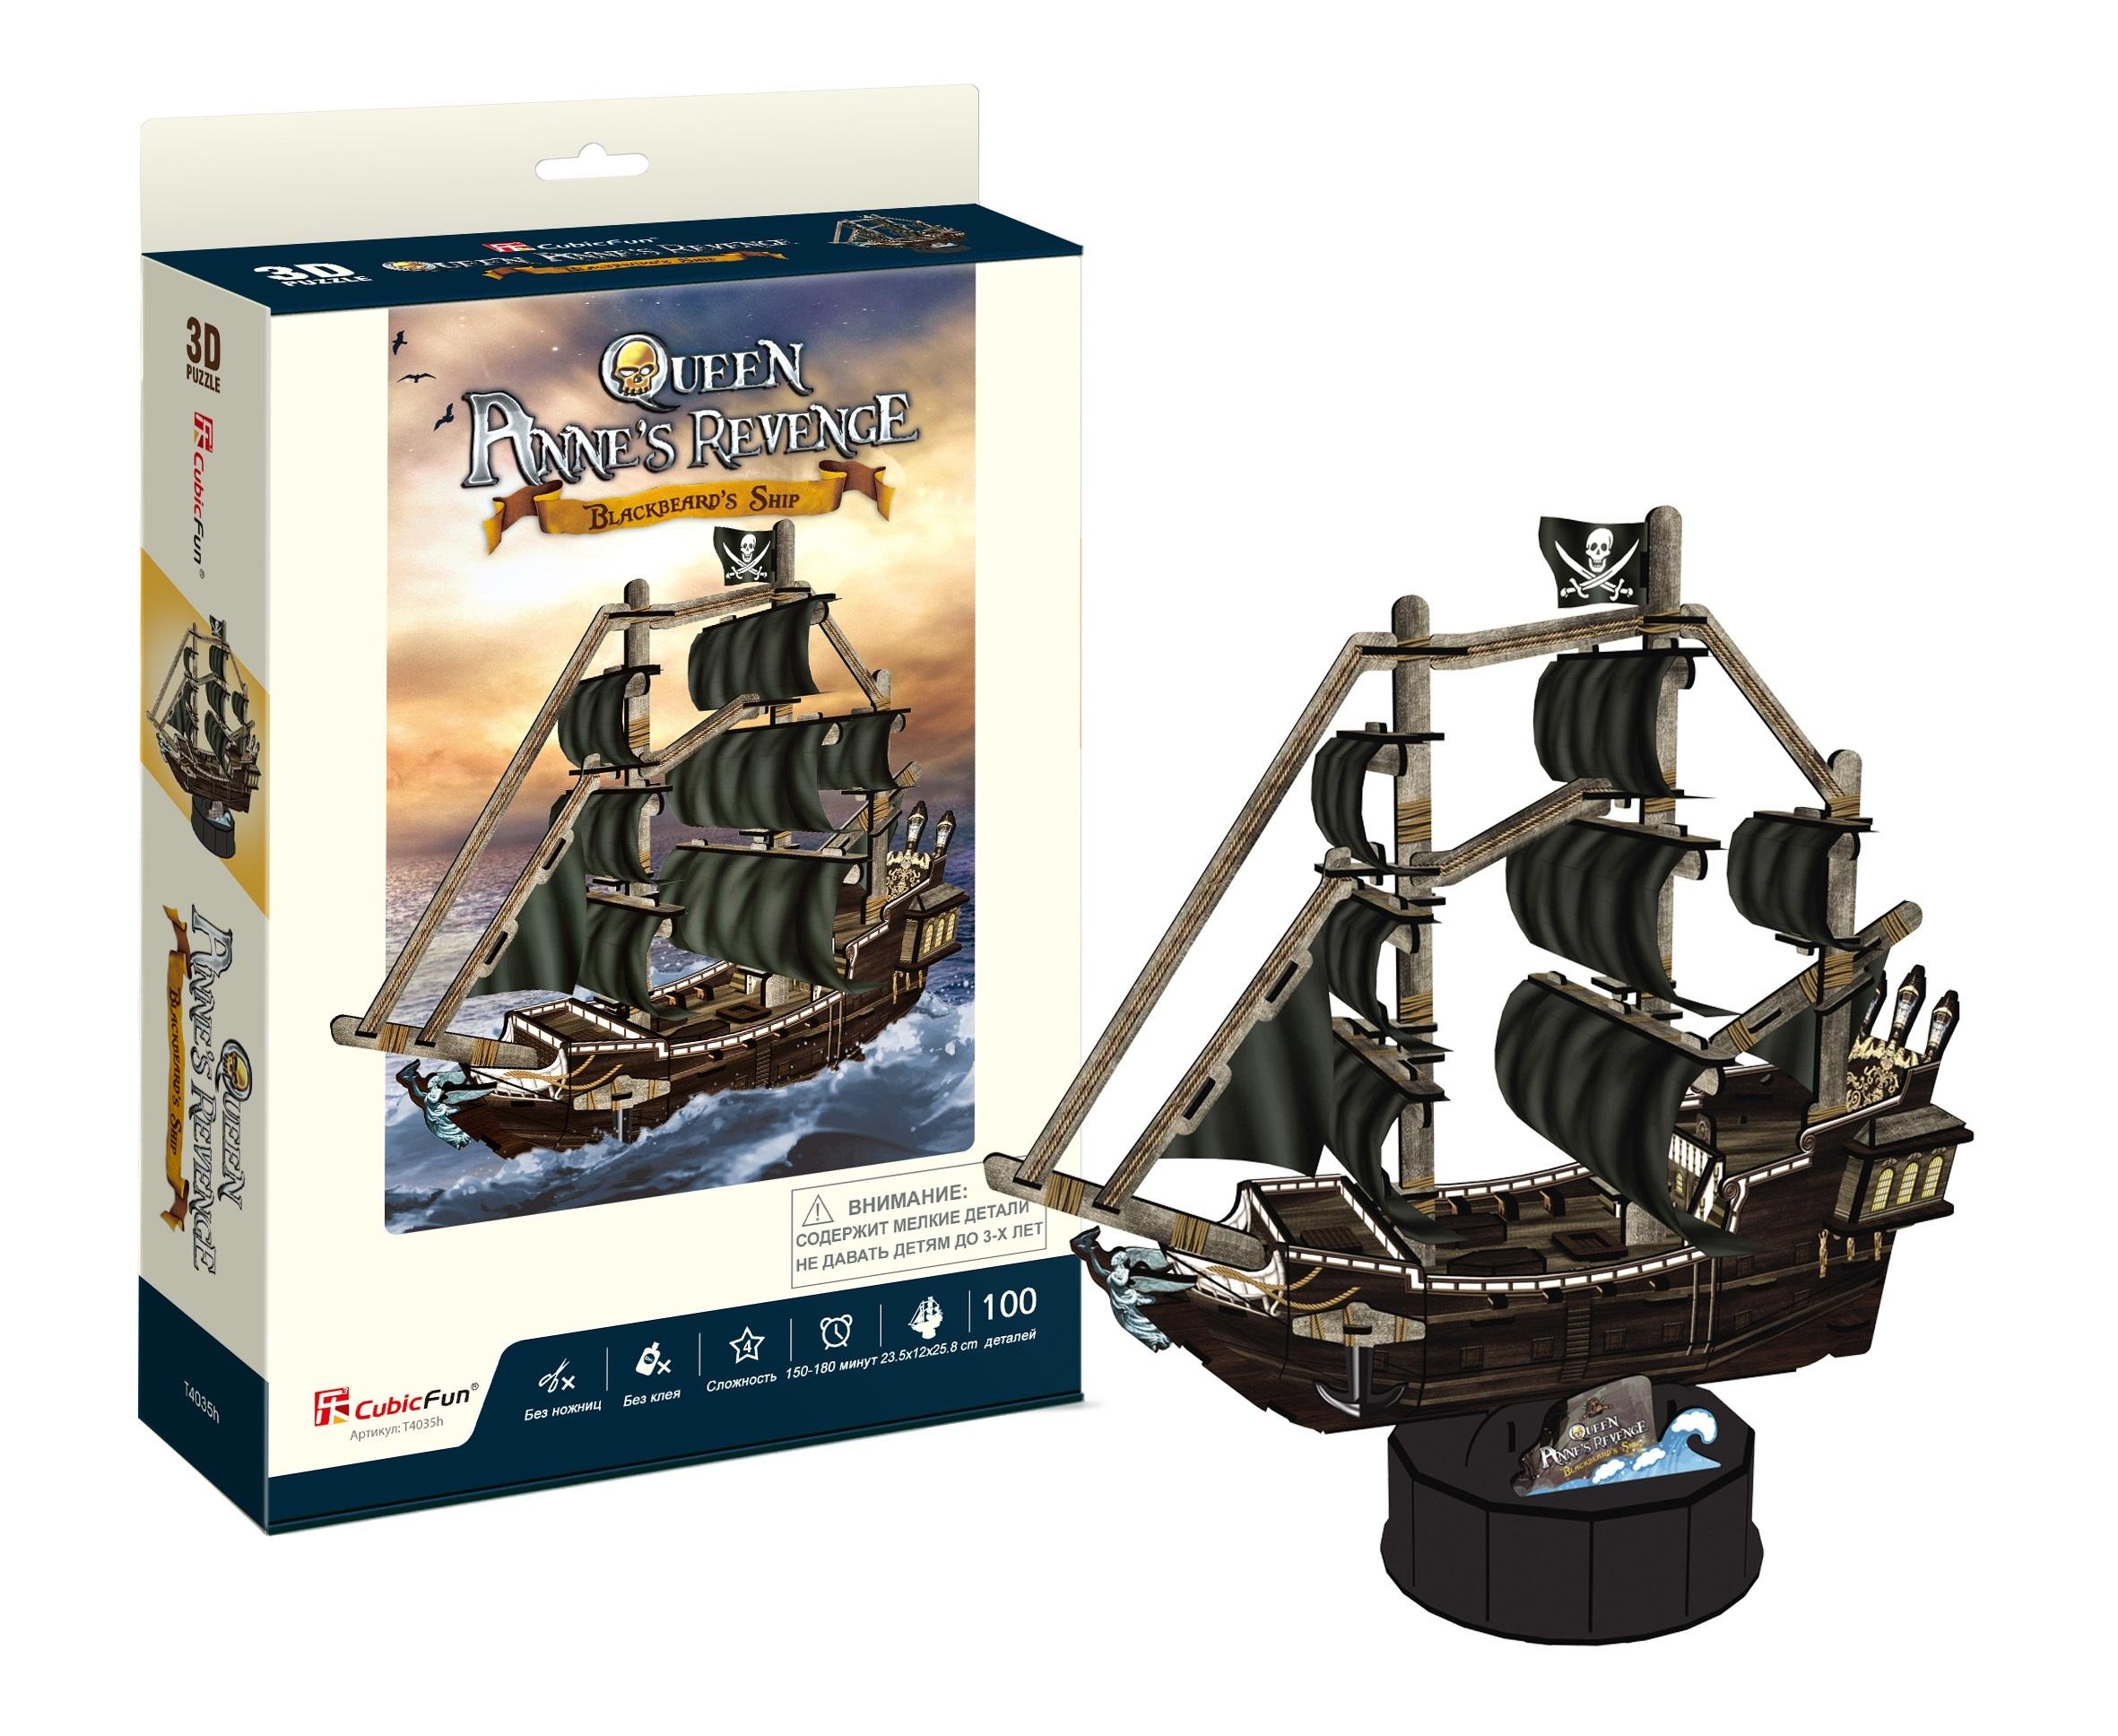 Купить Пазлы, Корабль Месть Королевы Анны, CubicFun, Китай, black